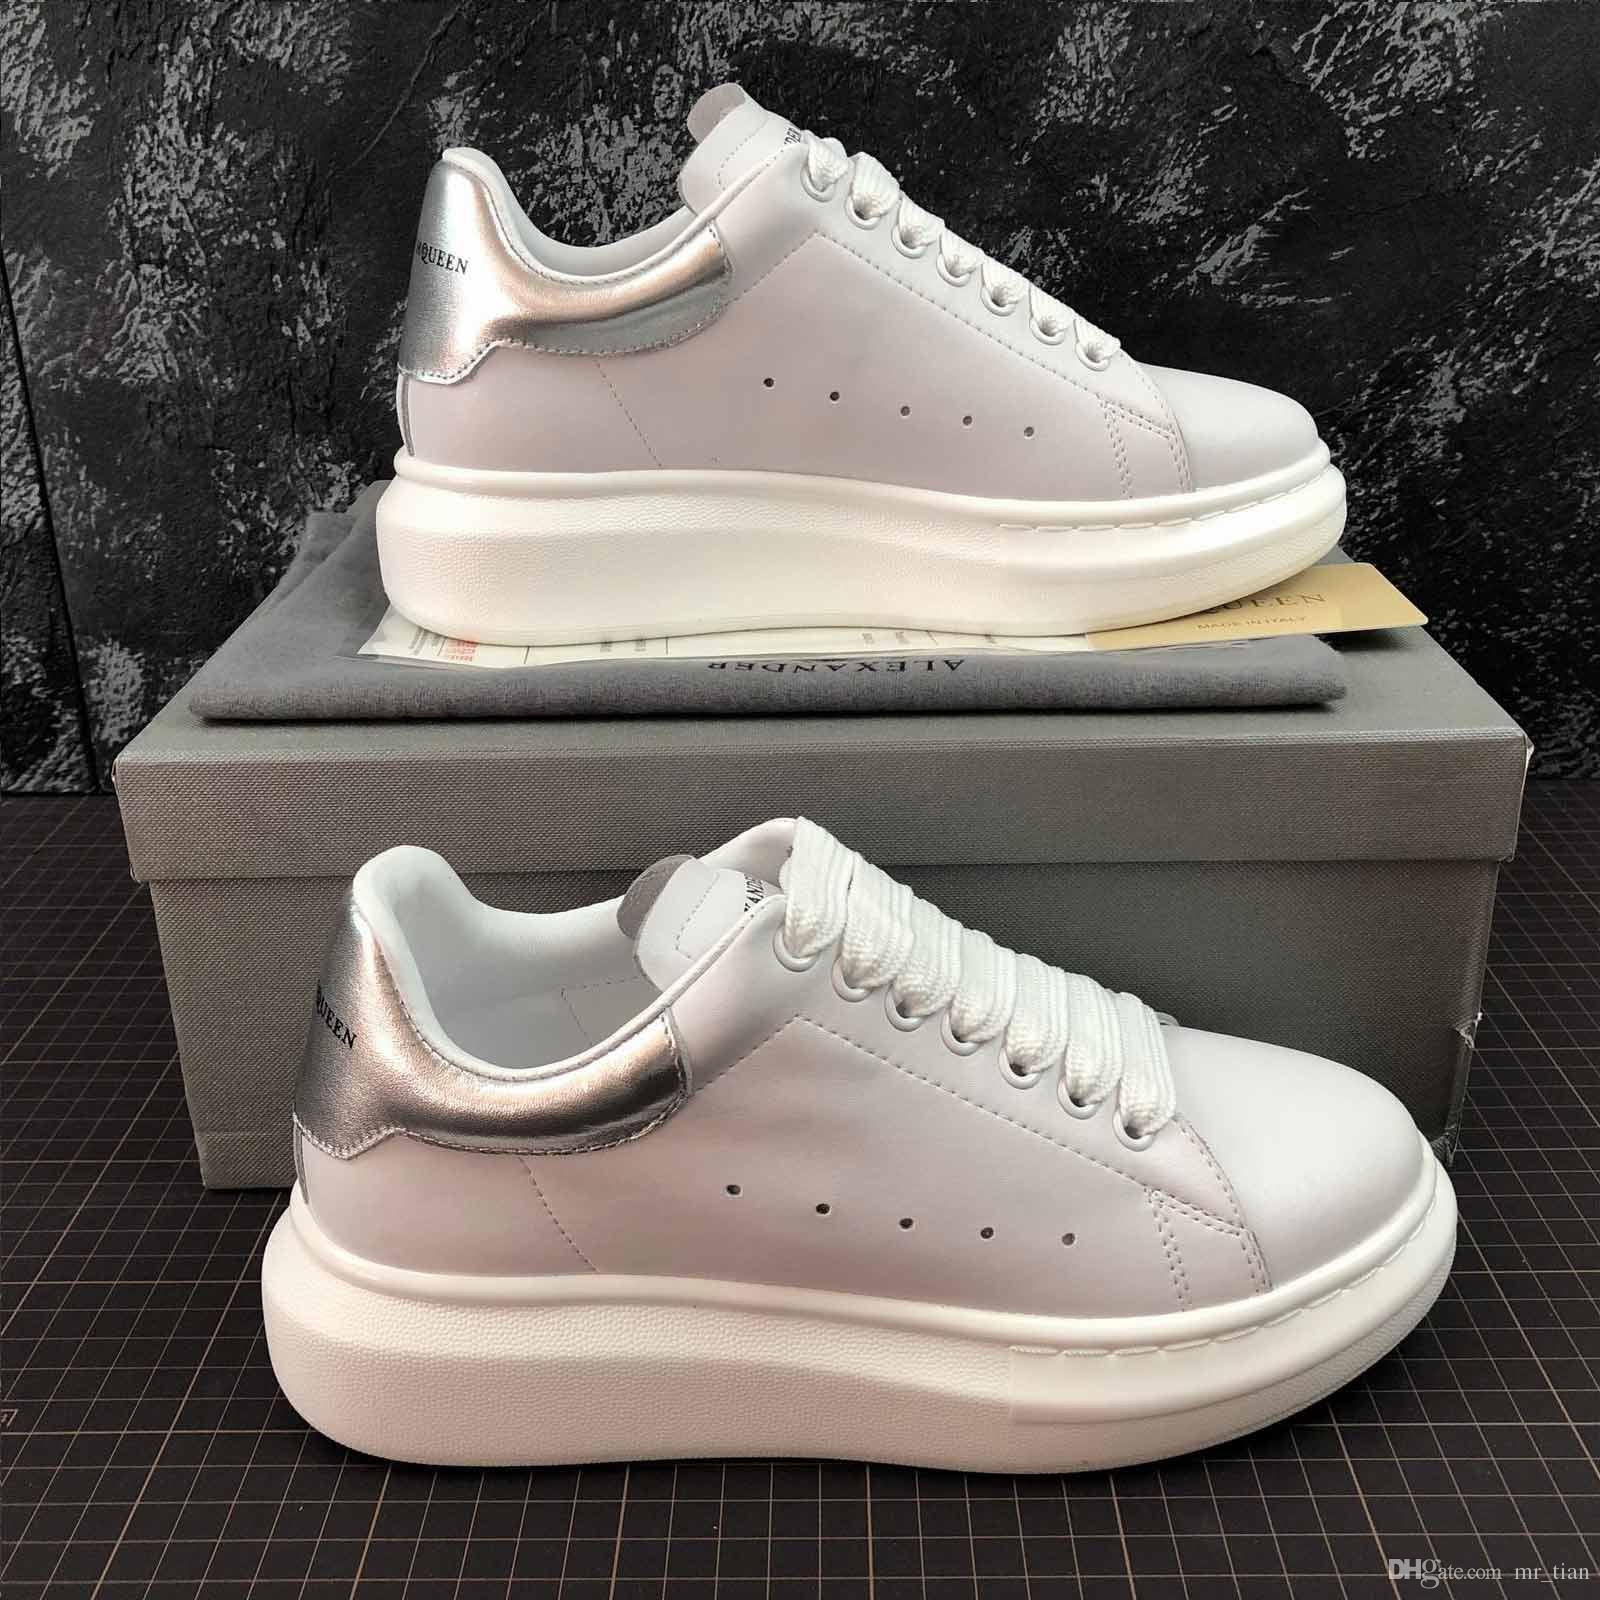 02ff051757 Compre Alexander McQueen Sole Sneakers 2019 Calzado Casual Negro Con La  Comodidad Del Diseñador Y Una Hermosa Lentejuela, Calzado Deportivo,  Calzado Casual ...